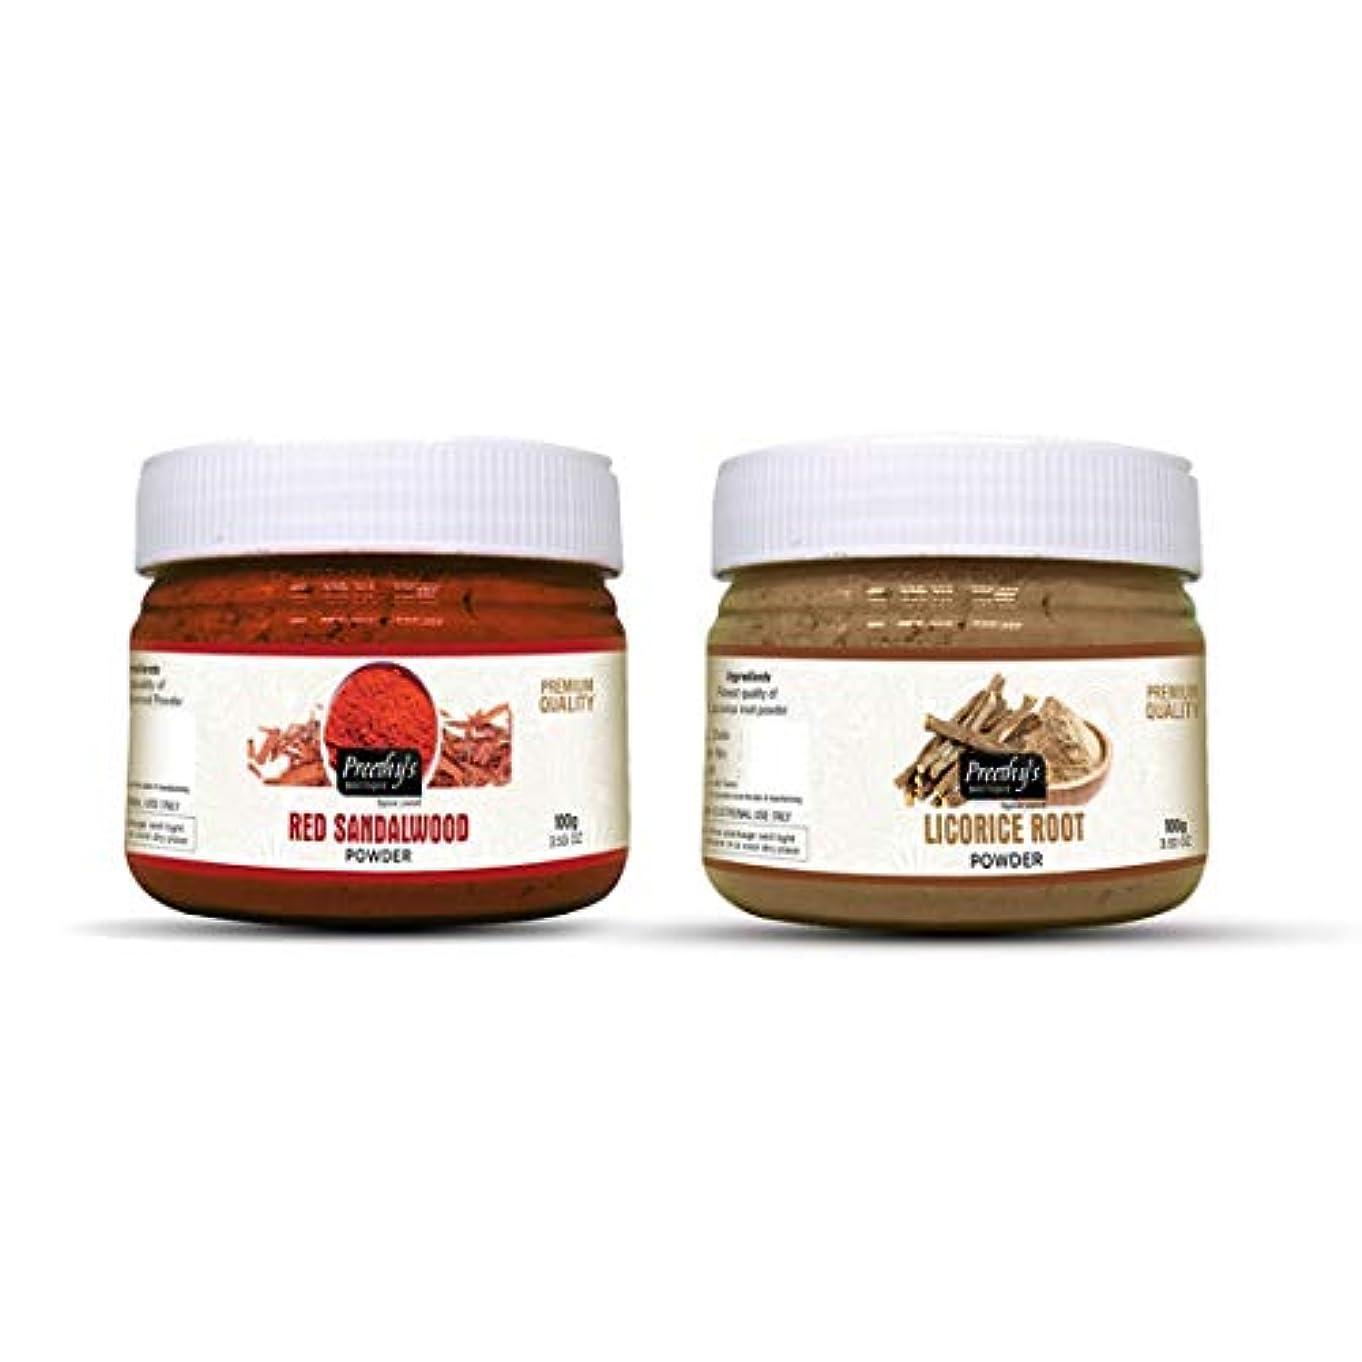 ふけるビット攻撃的Combo offer Of Licorice root powder 100gm & Red sandalwood powder 100gm - Natural Remedies for Skin Disorders,...